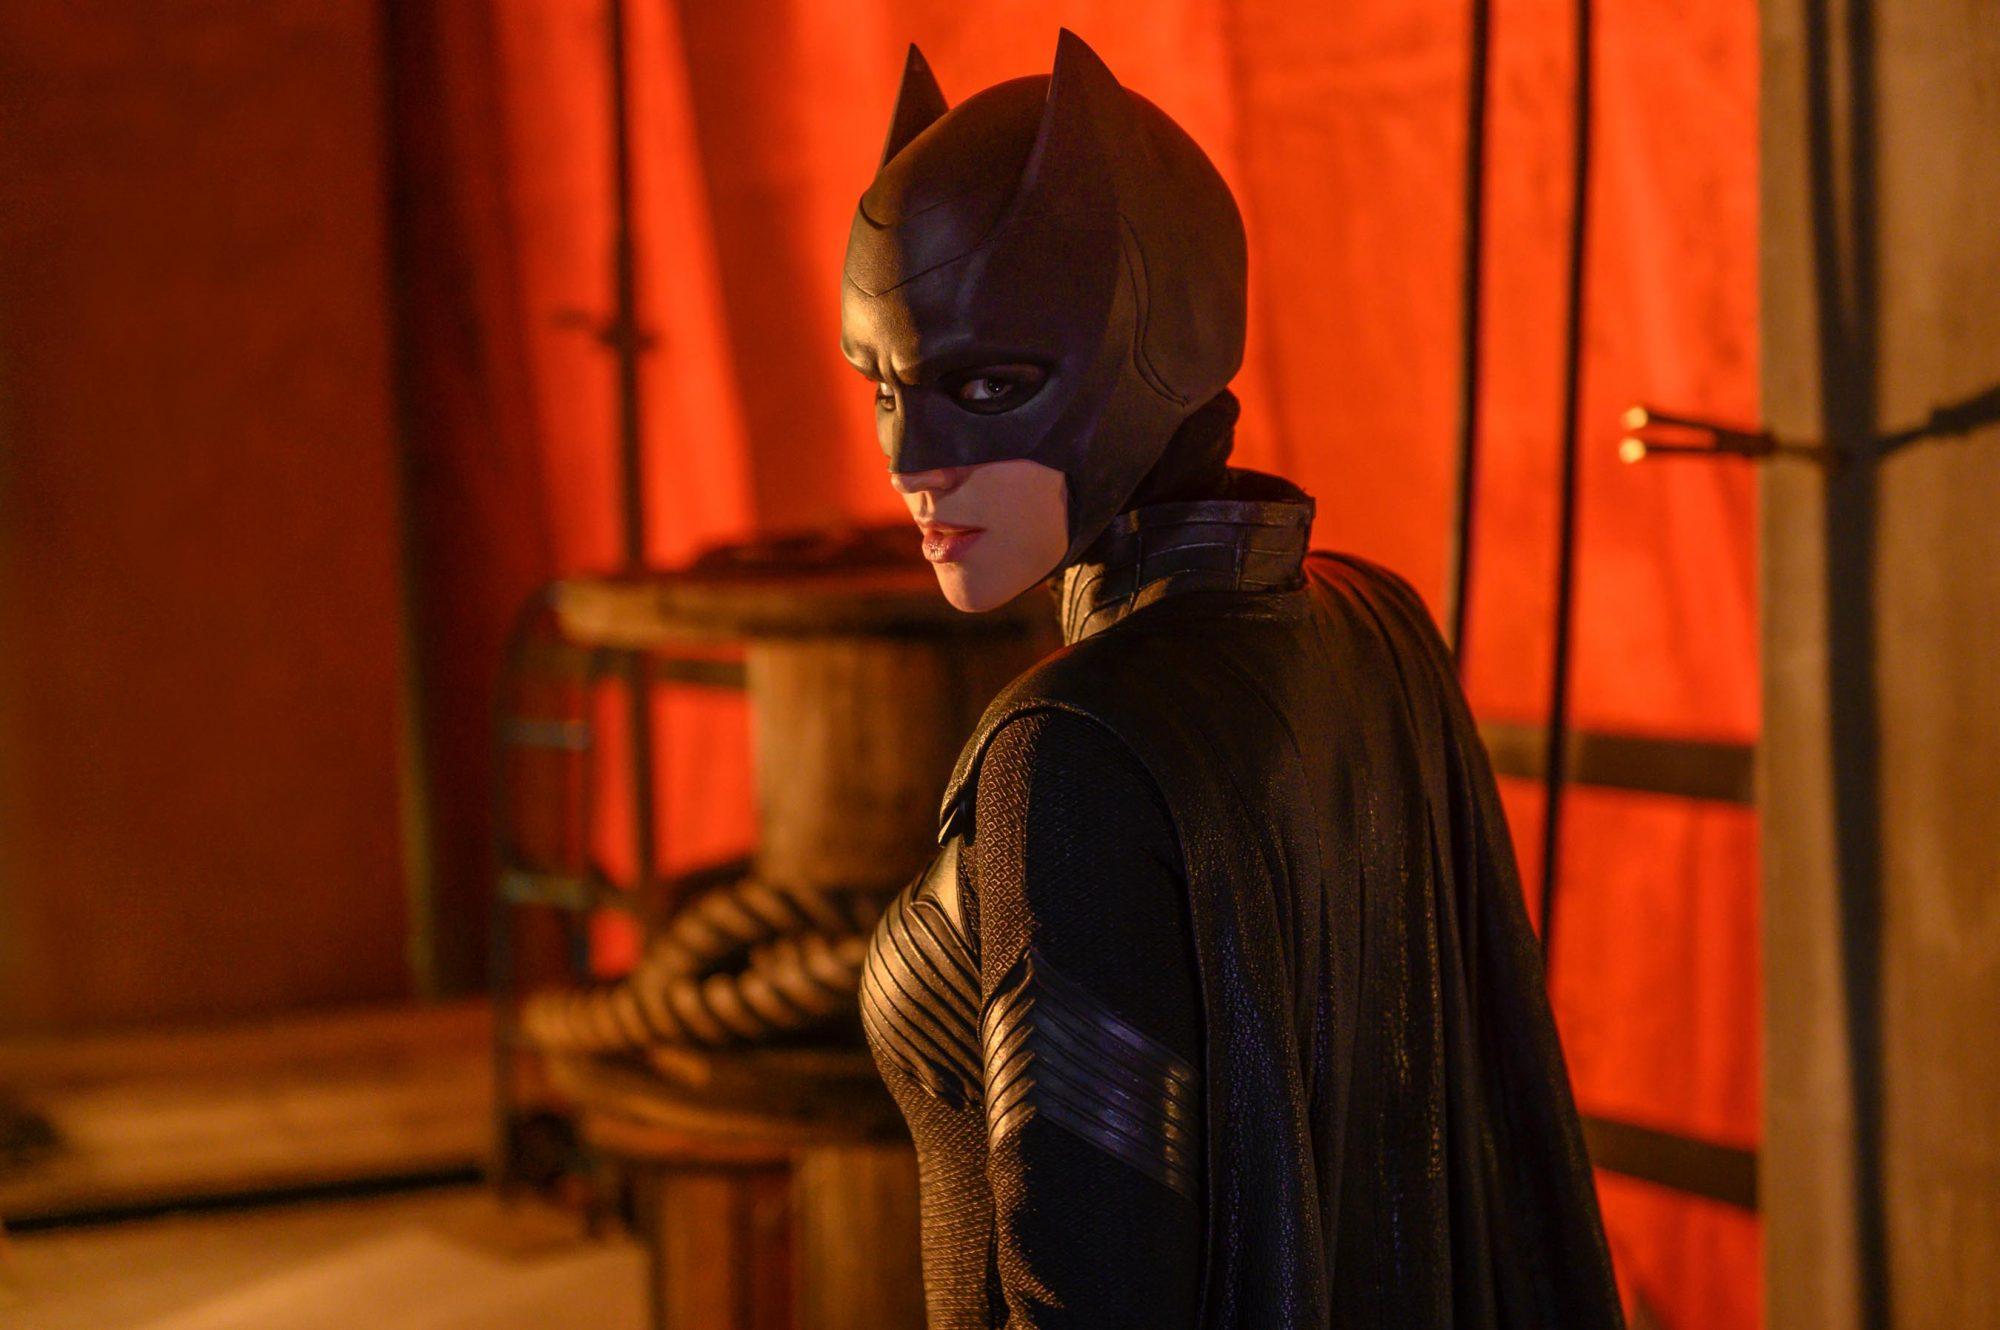 The Cw Announces 2021 Premiere Dates: Batwoman, Riverdale With Regard To Printable Tv Premiere Calendar